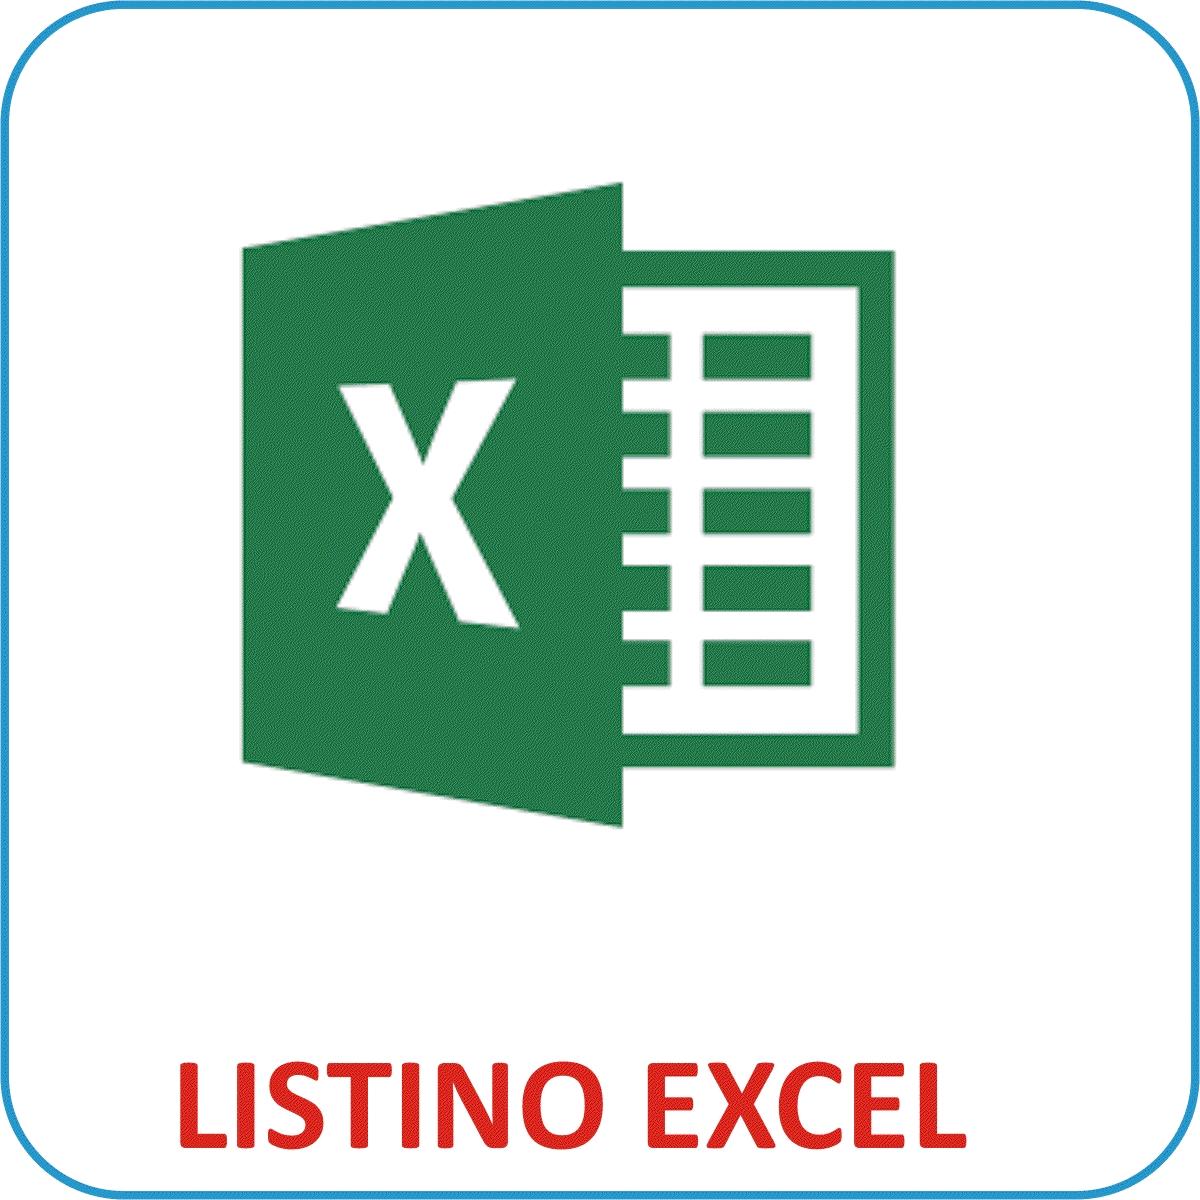 Listino formato EXCEL